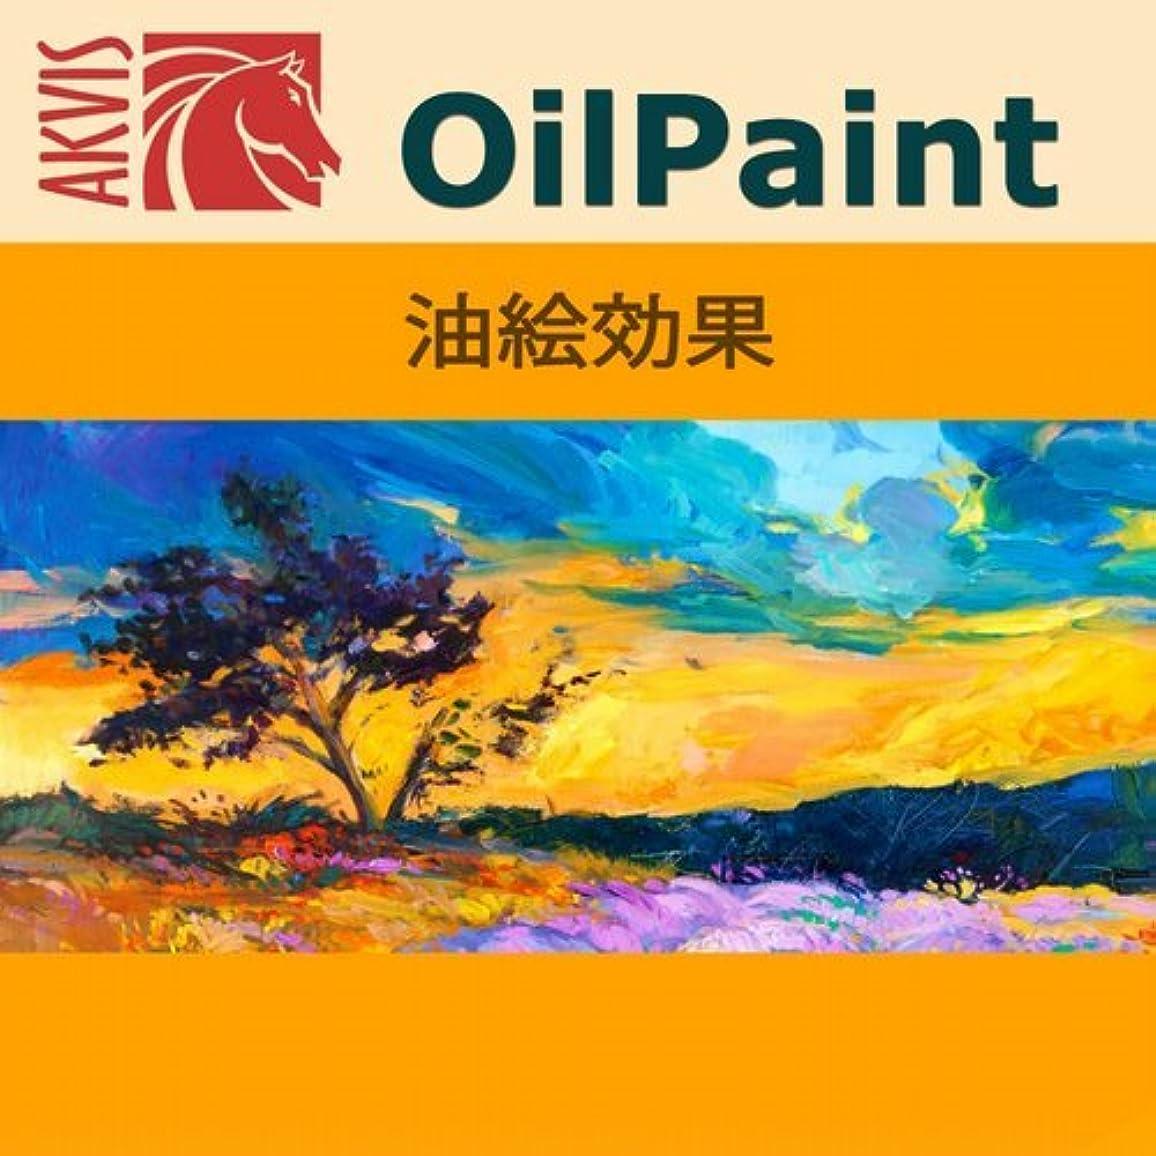 プロット余暇ささやきAKIVS OilPaint Home プラグイン版 [ダウンロード]